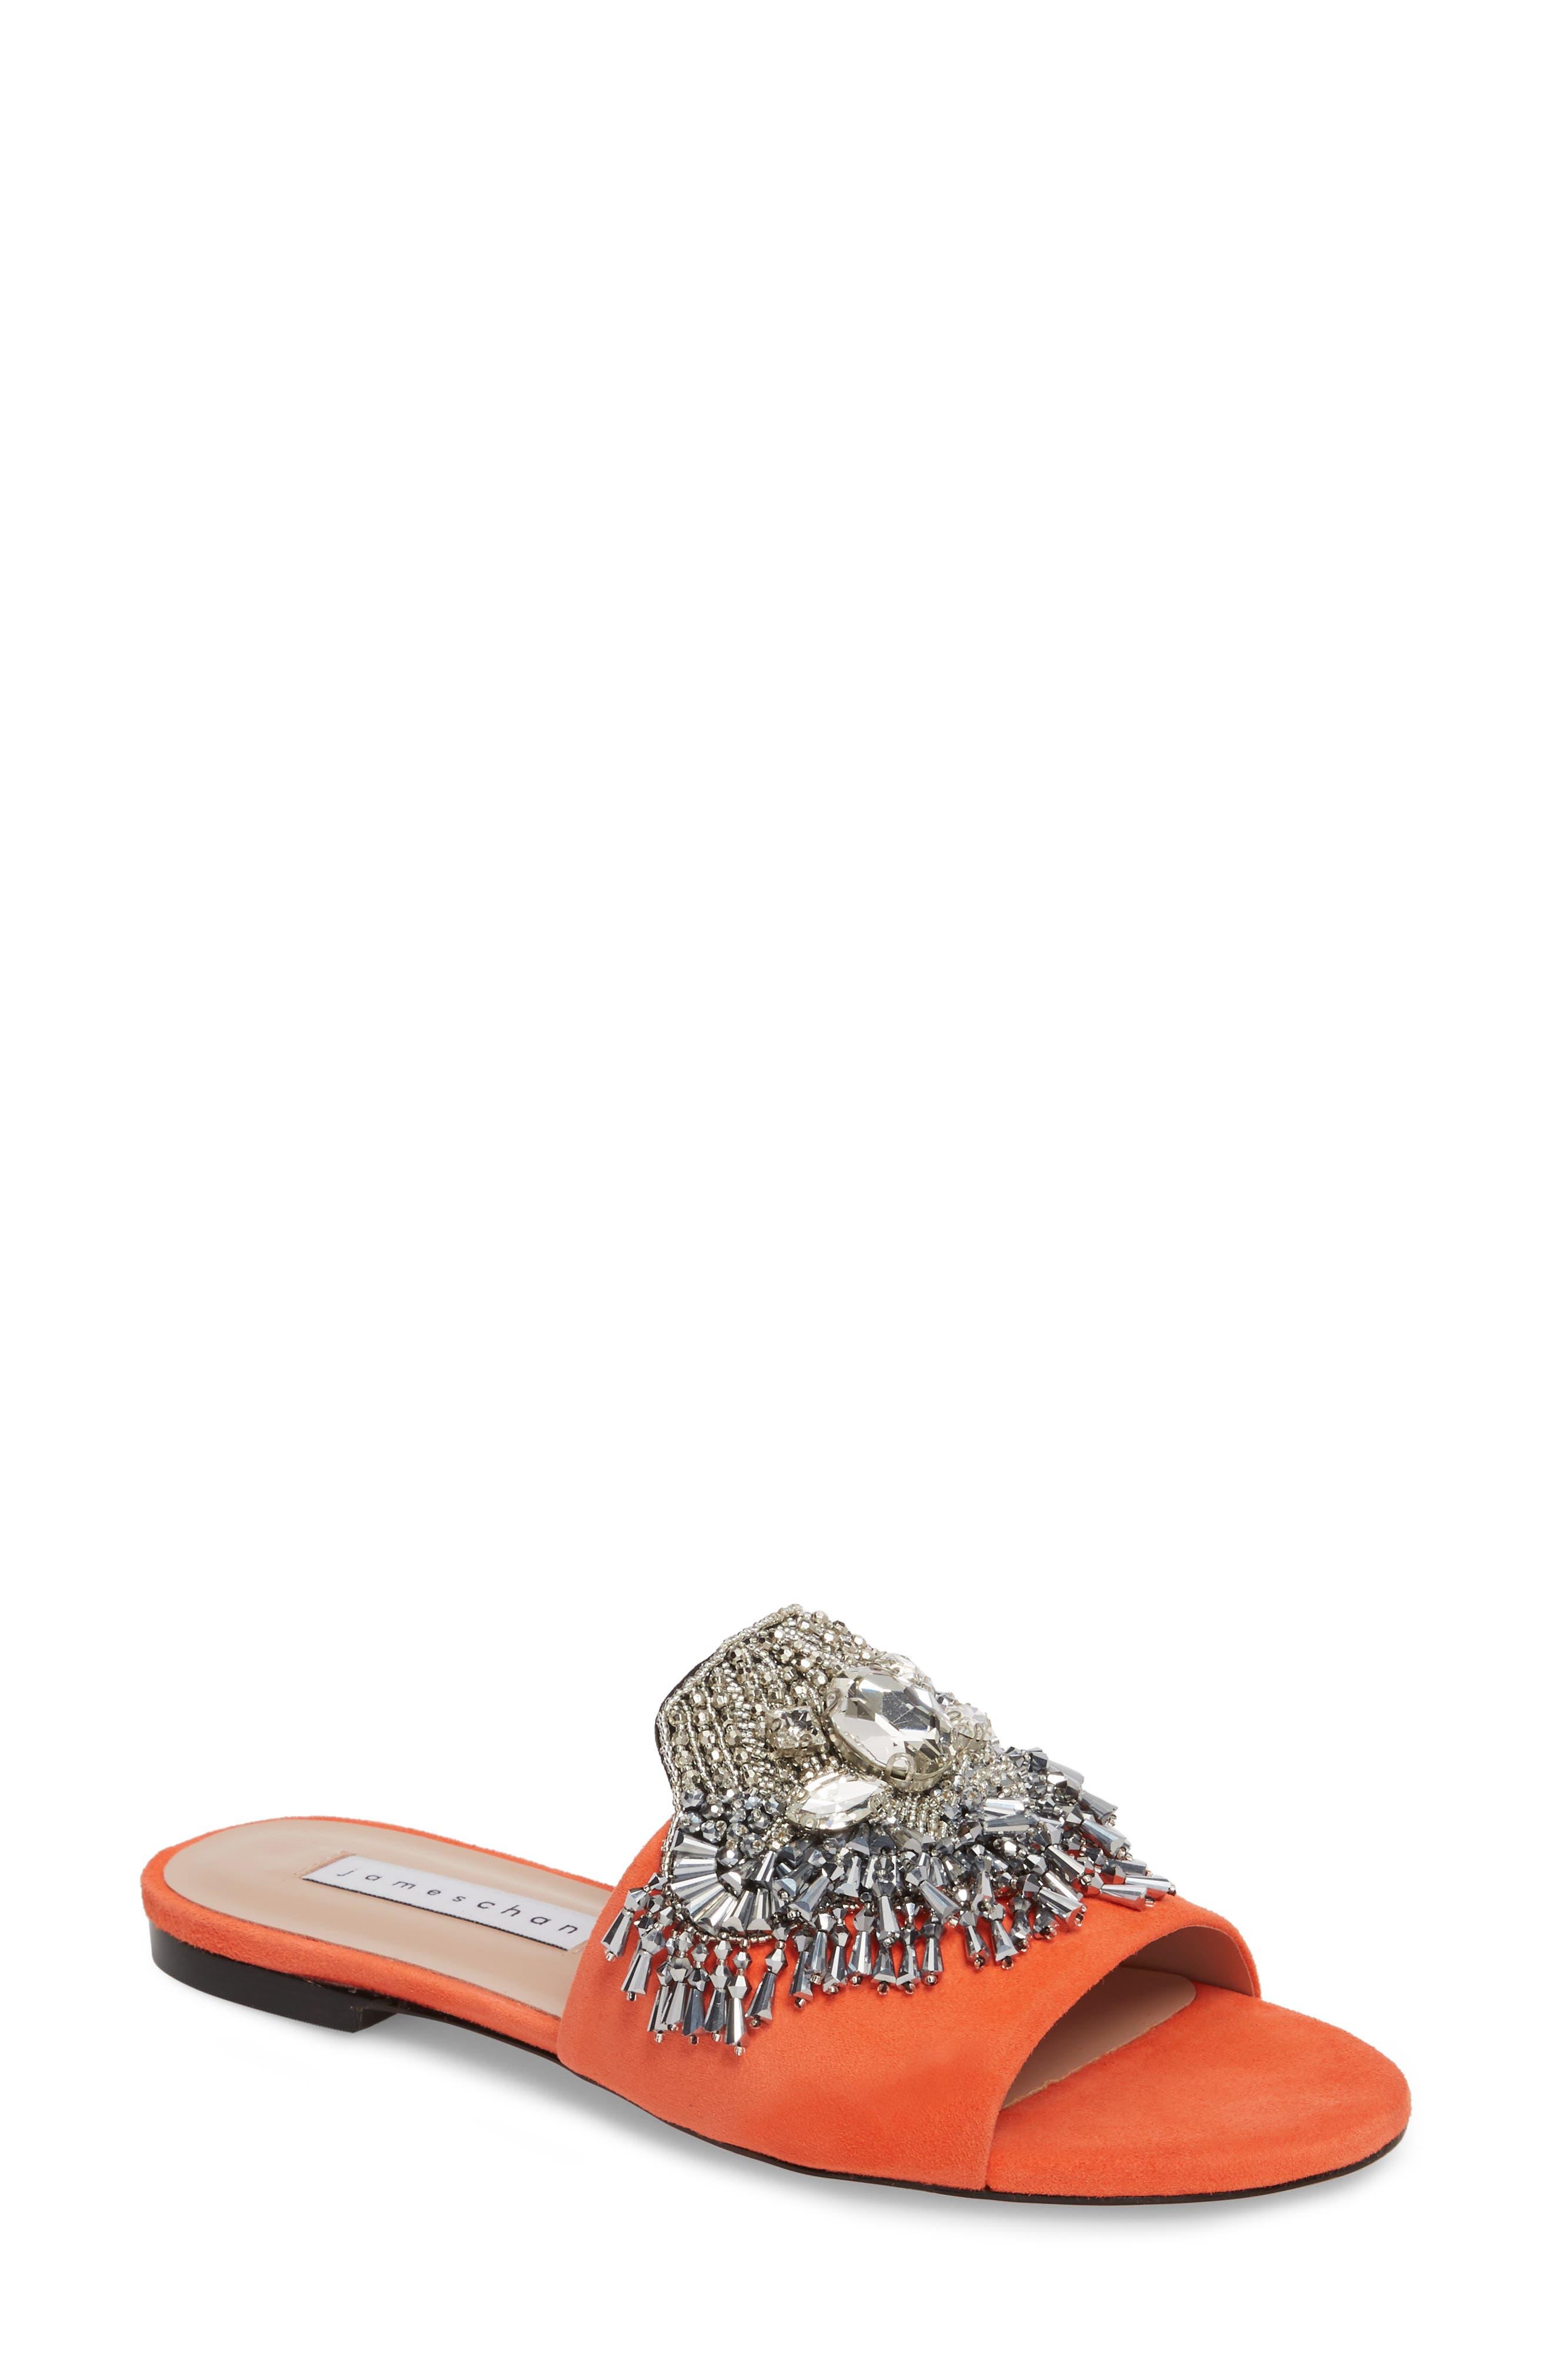 James Chan Jallie Crystal Embellished Slide (Women)